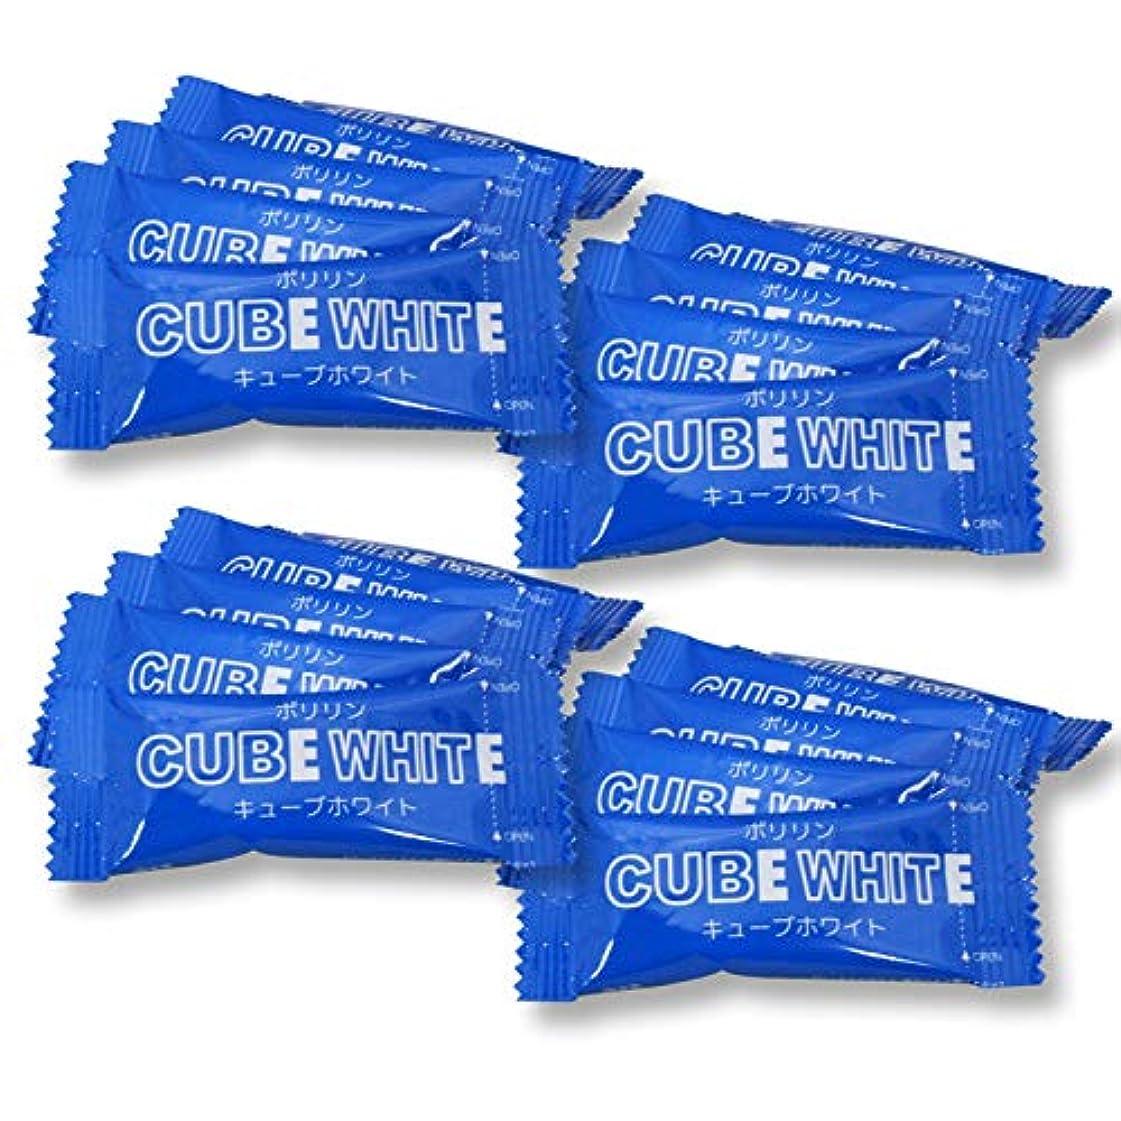 リジェンティス キューブホワイト 【20袋入】 歯面専用 スポンジ 歯 ブラシ 付き ホワイトニング 歯磨き